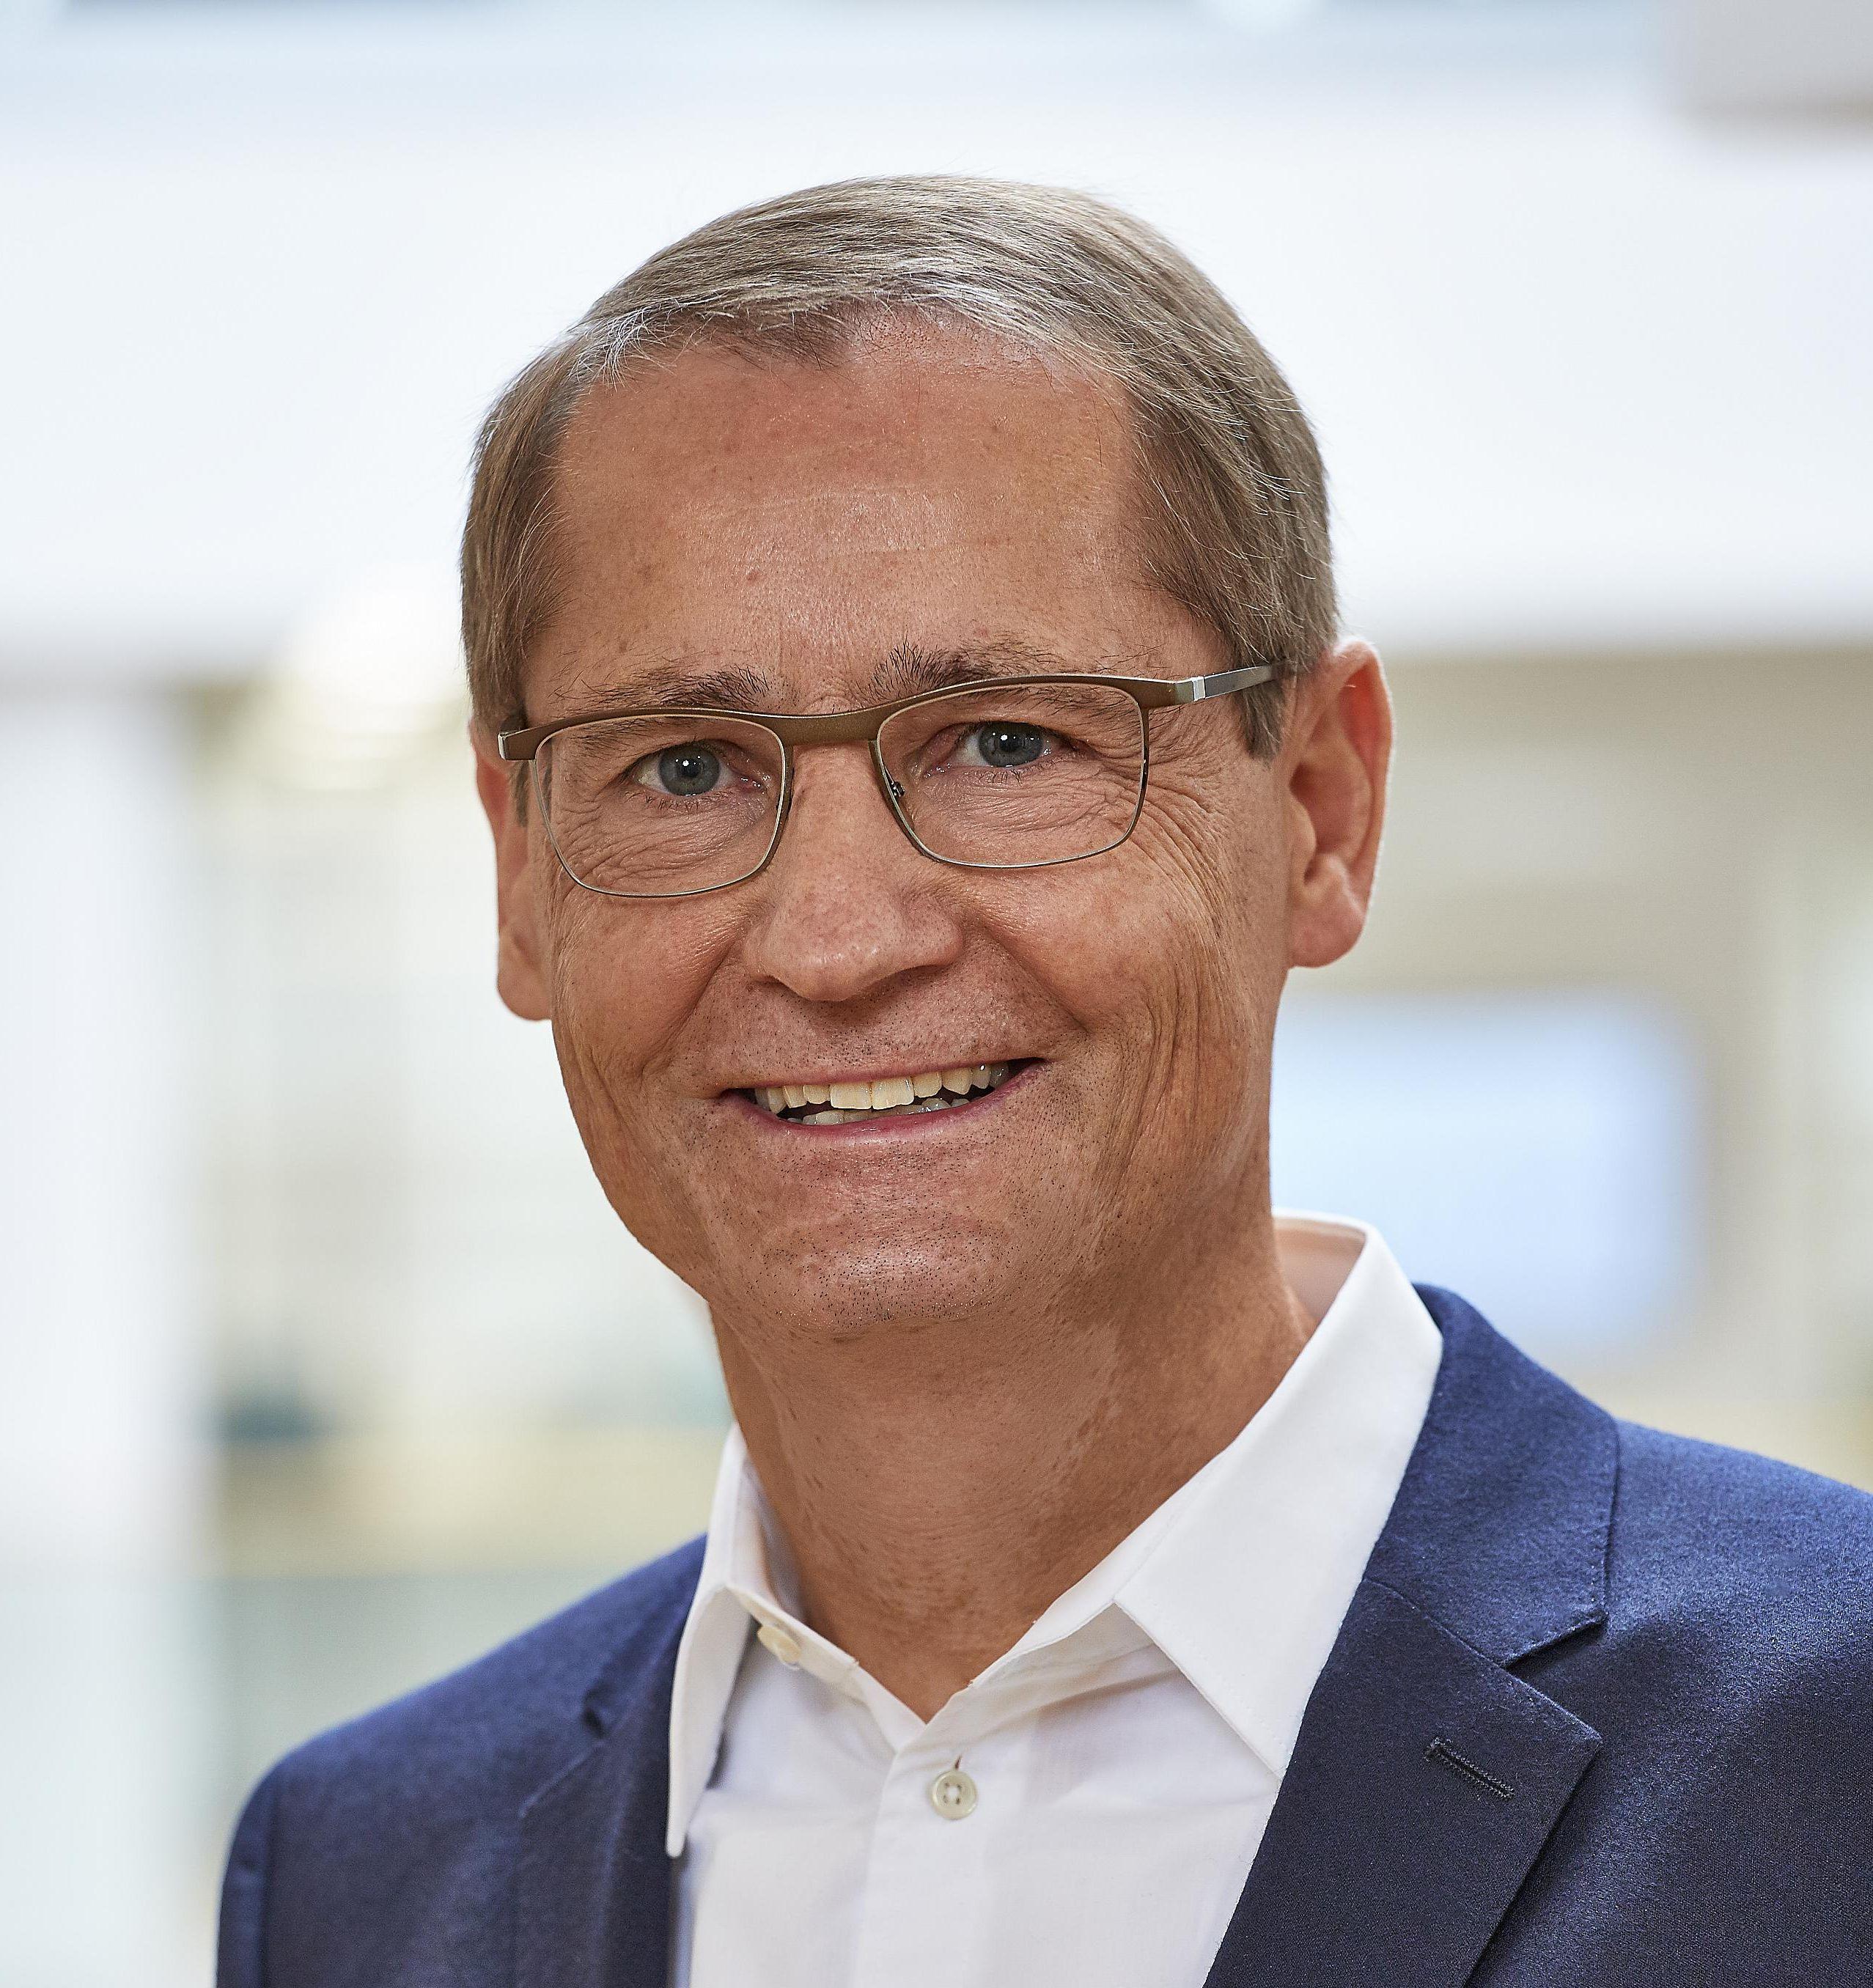 Wechsel in der Geschäftsführung der Roche Diagnostics GmbH / Mit Wirkung zum 1. Januar 2020 folgt Claus Haberda auf Ursula Redeker